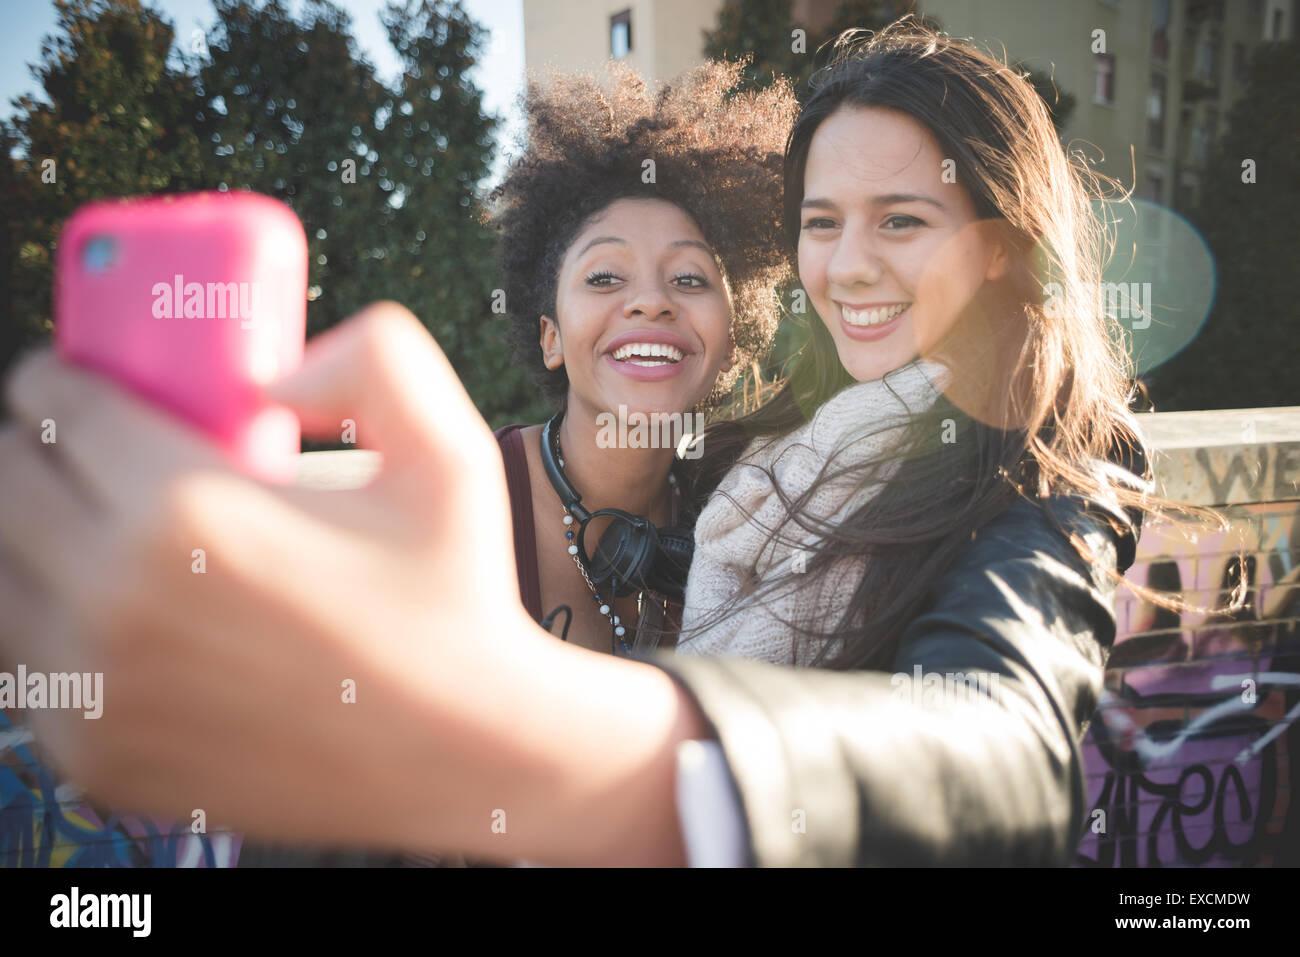 zwei multiethnischen schöne junge Frau Schwarz und kaukasischen Spaß nehmen Selfie in der Stadt Stockbild